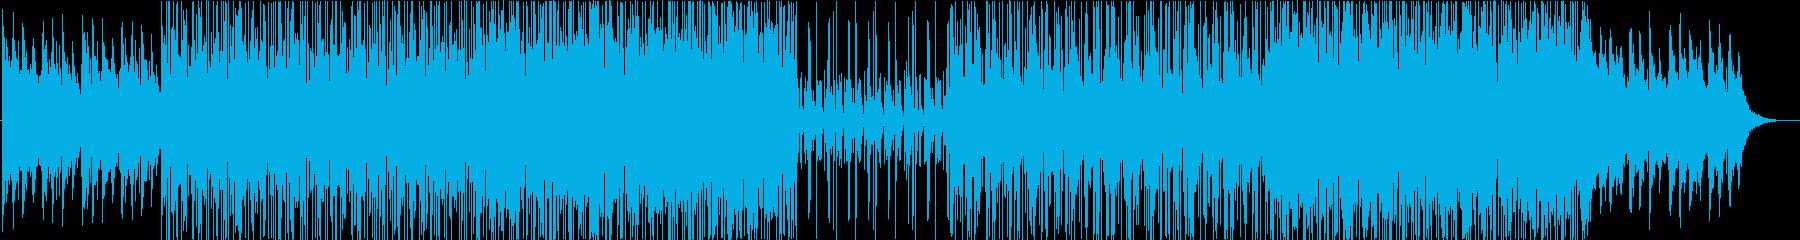 メロウなChillHop♬-PV-店舗♬の再生済みの波形